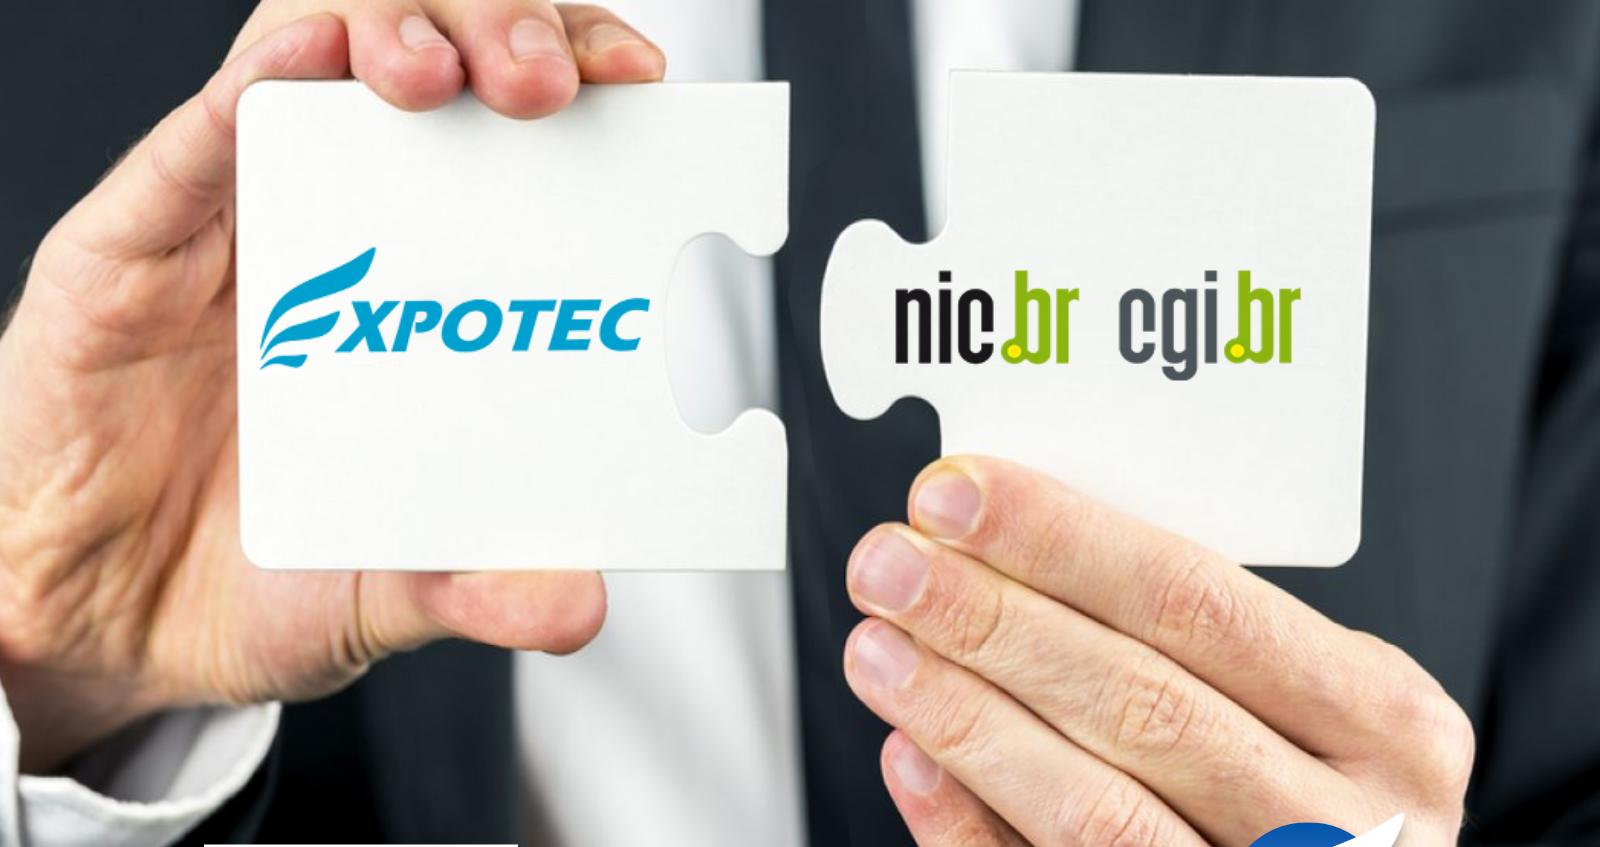 Expotec 2021 se consolida como espaço de incentivo às novas tecnologias em parceria com o CGi.br e NIC.br